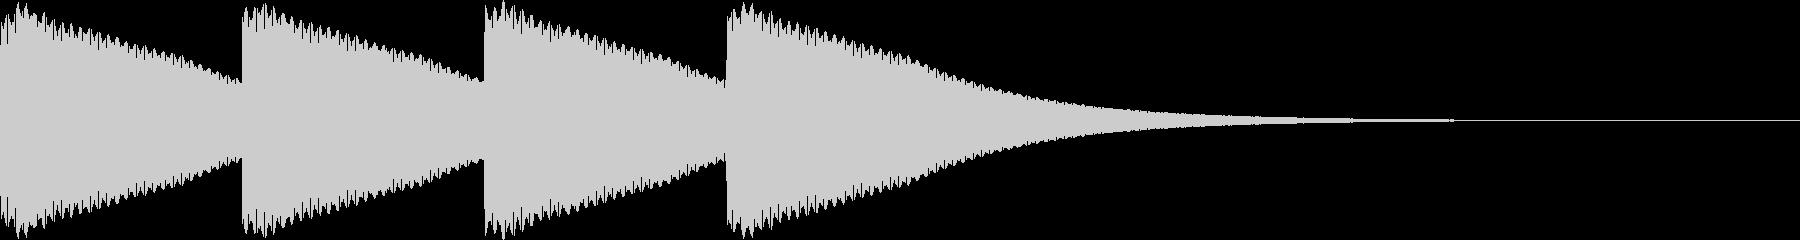 ゴーン...。時計の鐘C(低・短)の未再生の波形